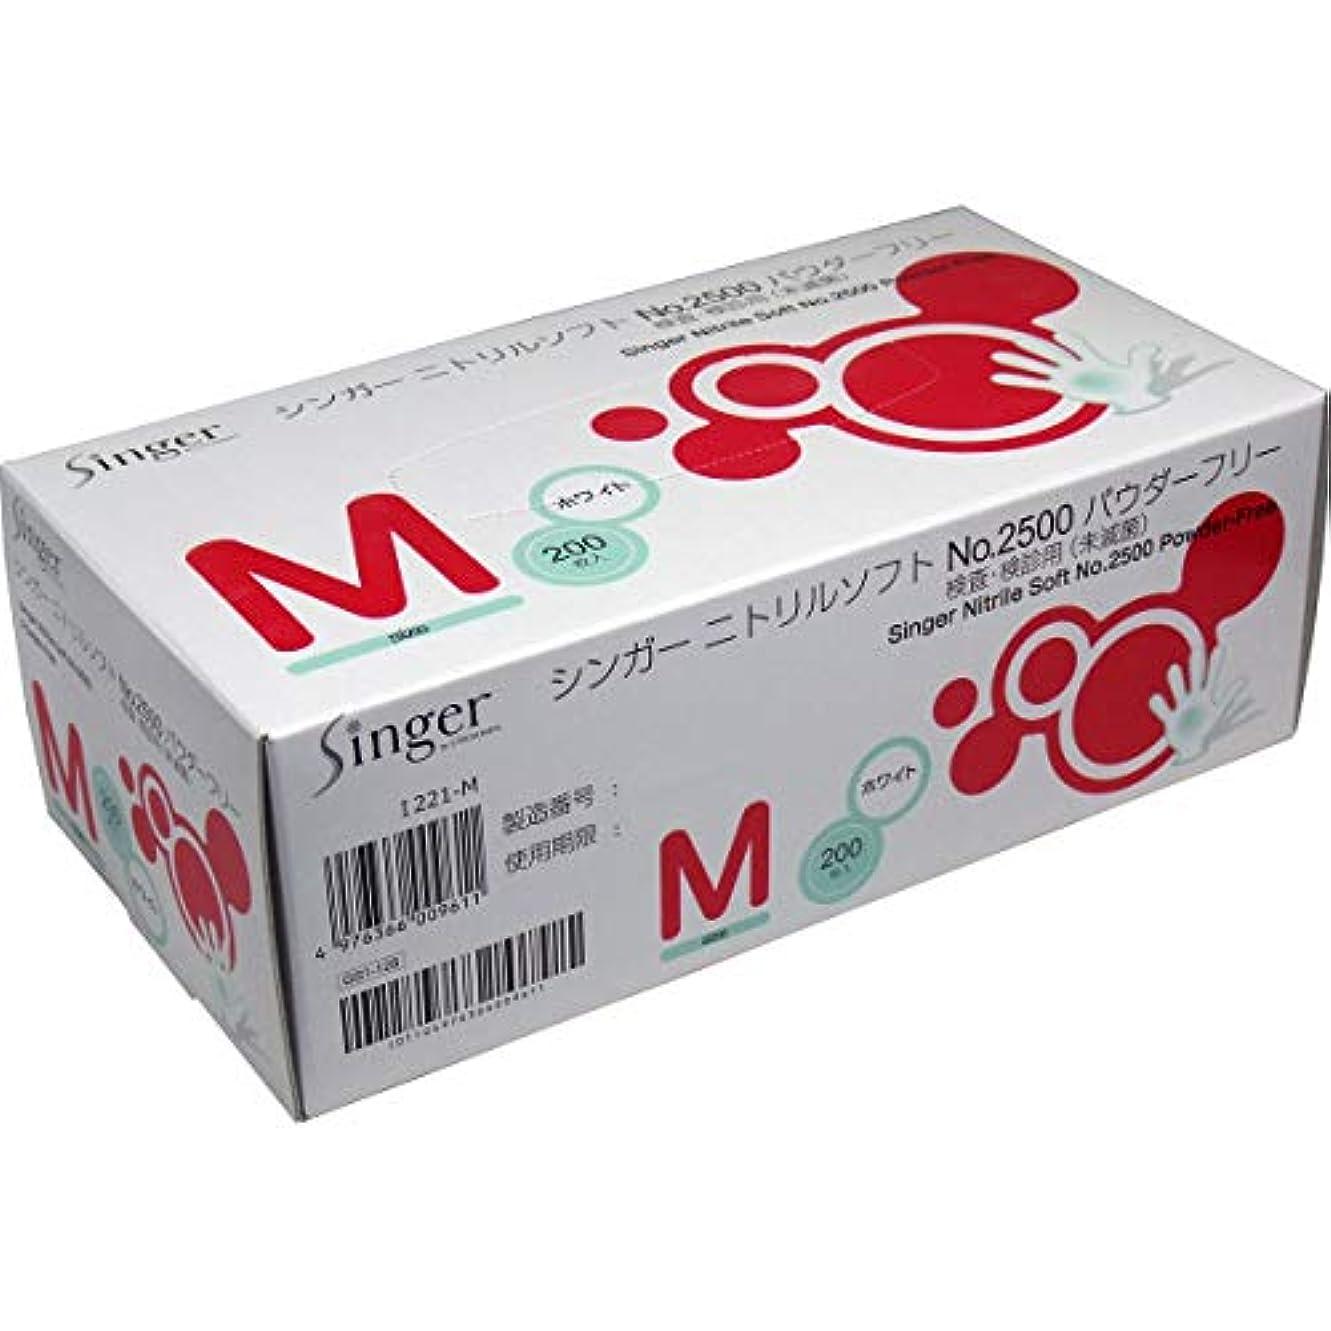 一過性容量犠牲シンガーニトリルソフト No.2500 パウダーフリー ホワイト Mサイズ 200枚入×2個セット